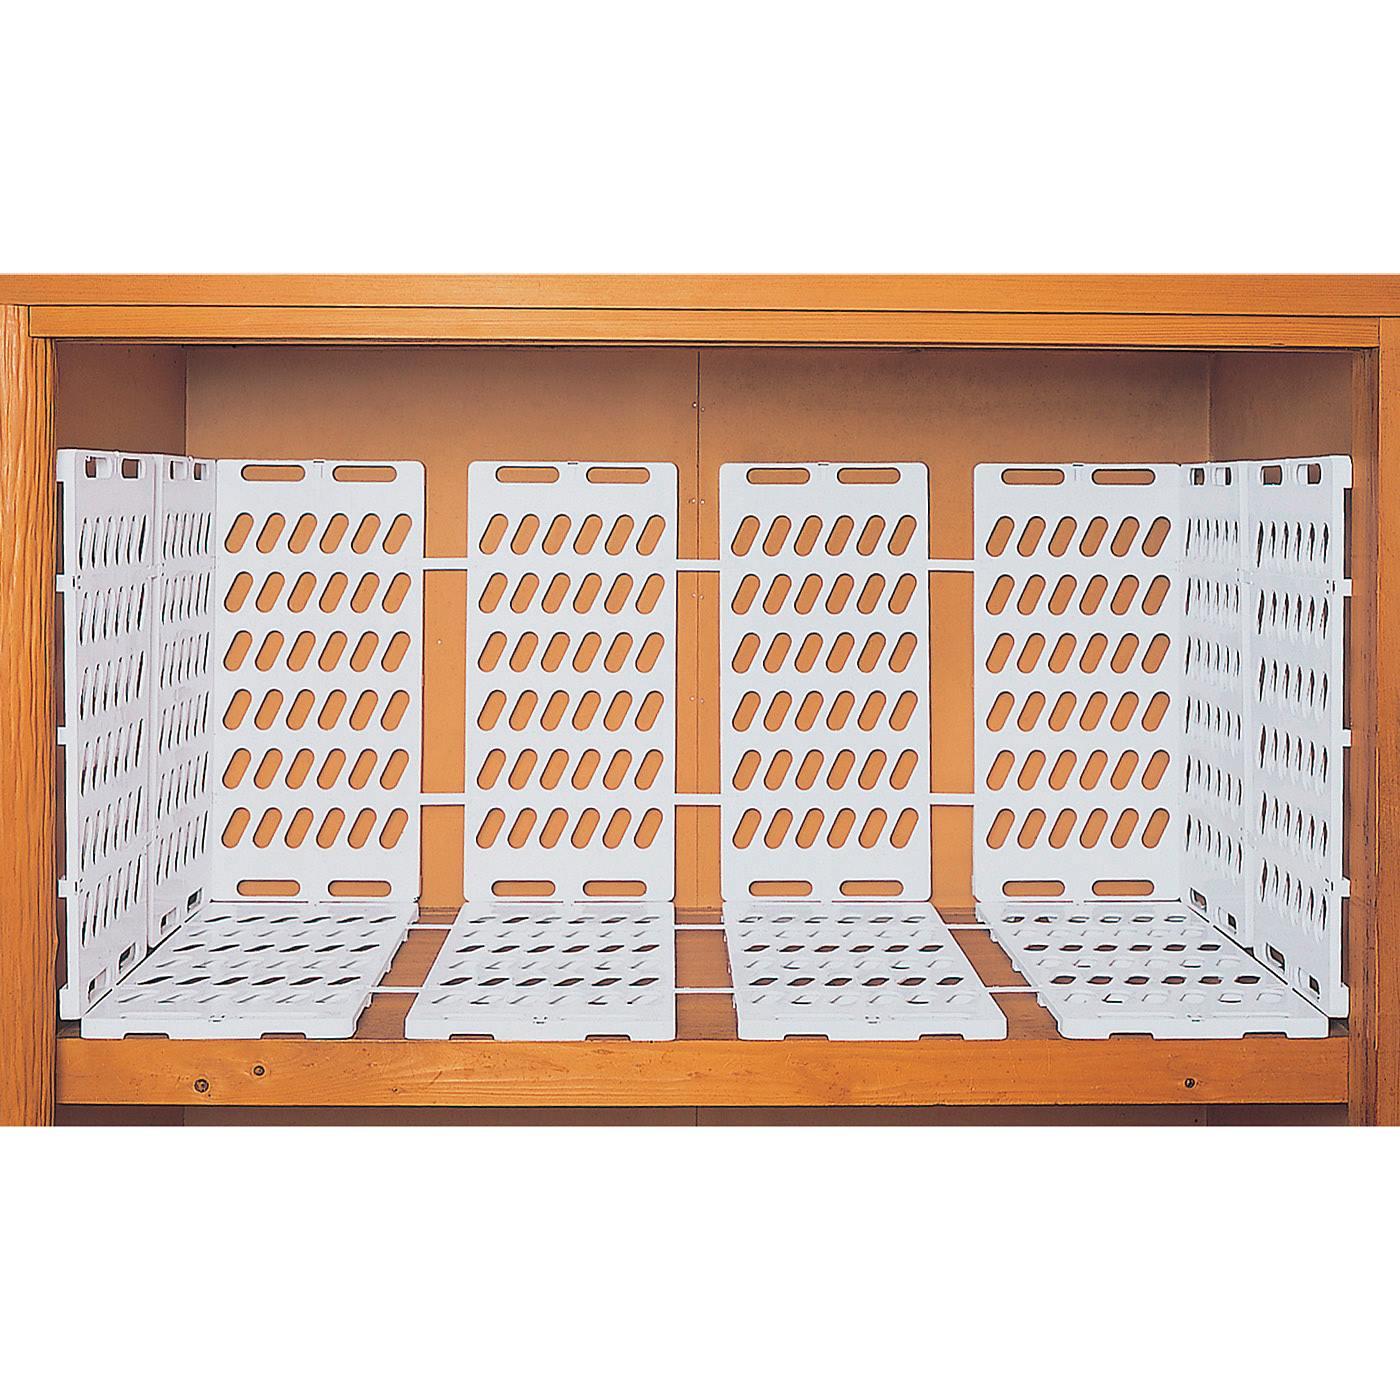 収納スペースに合わせて、すのこの枚数と間隔を調整できます。(6セット(12枚)使用)